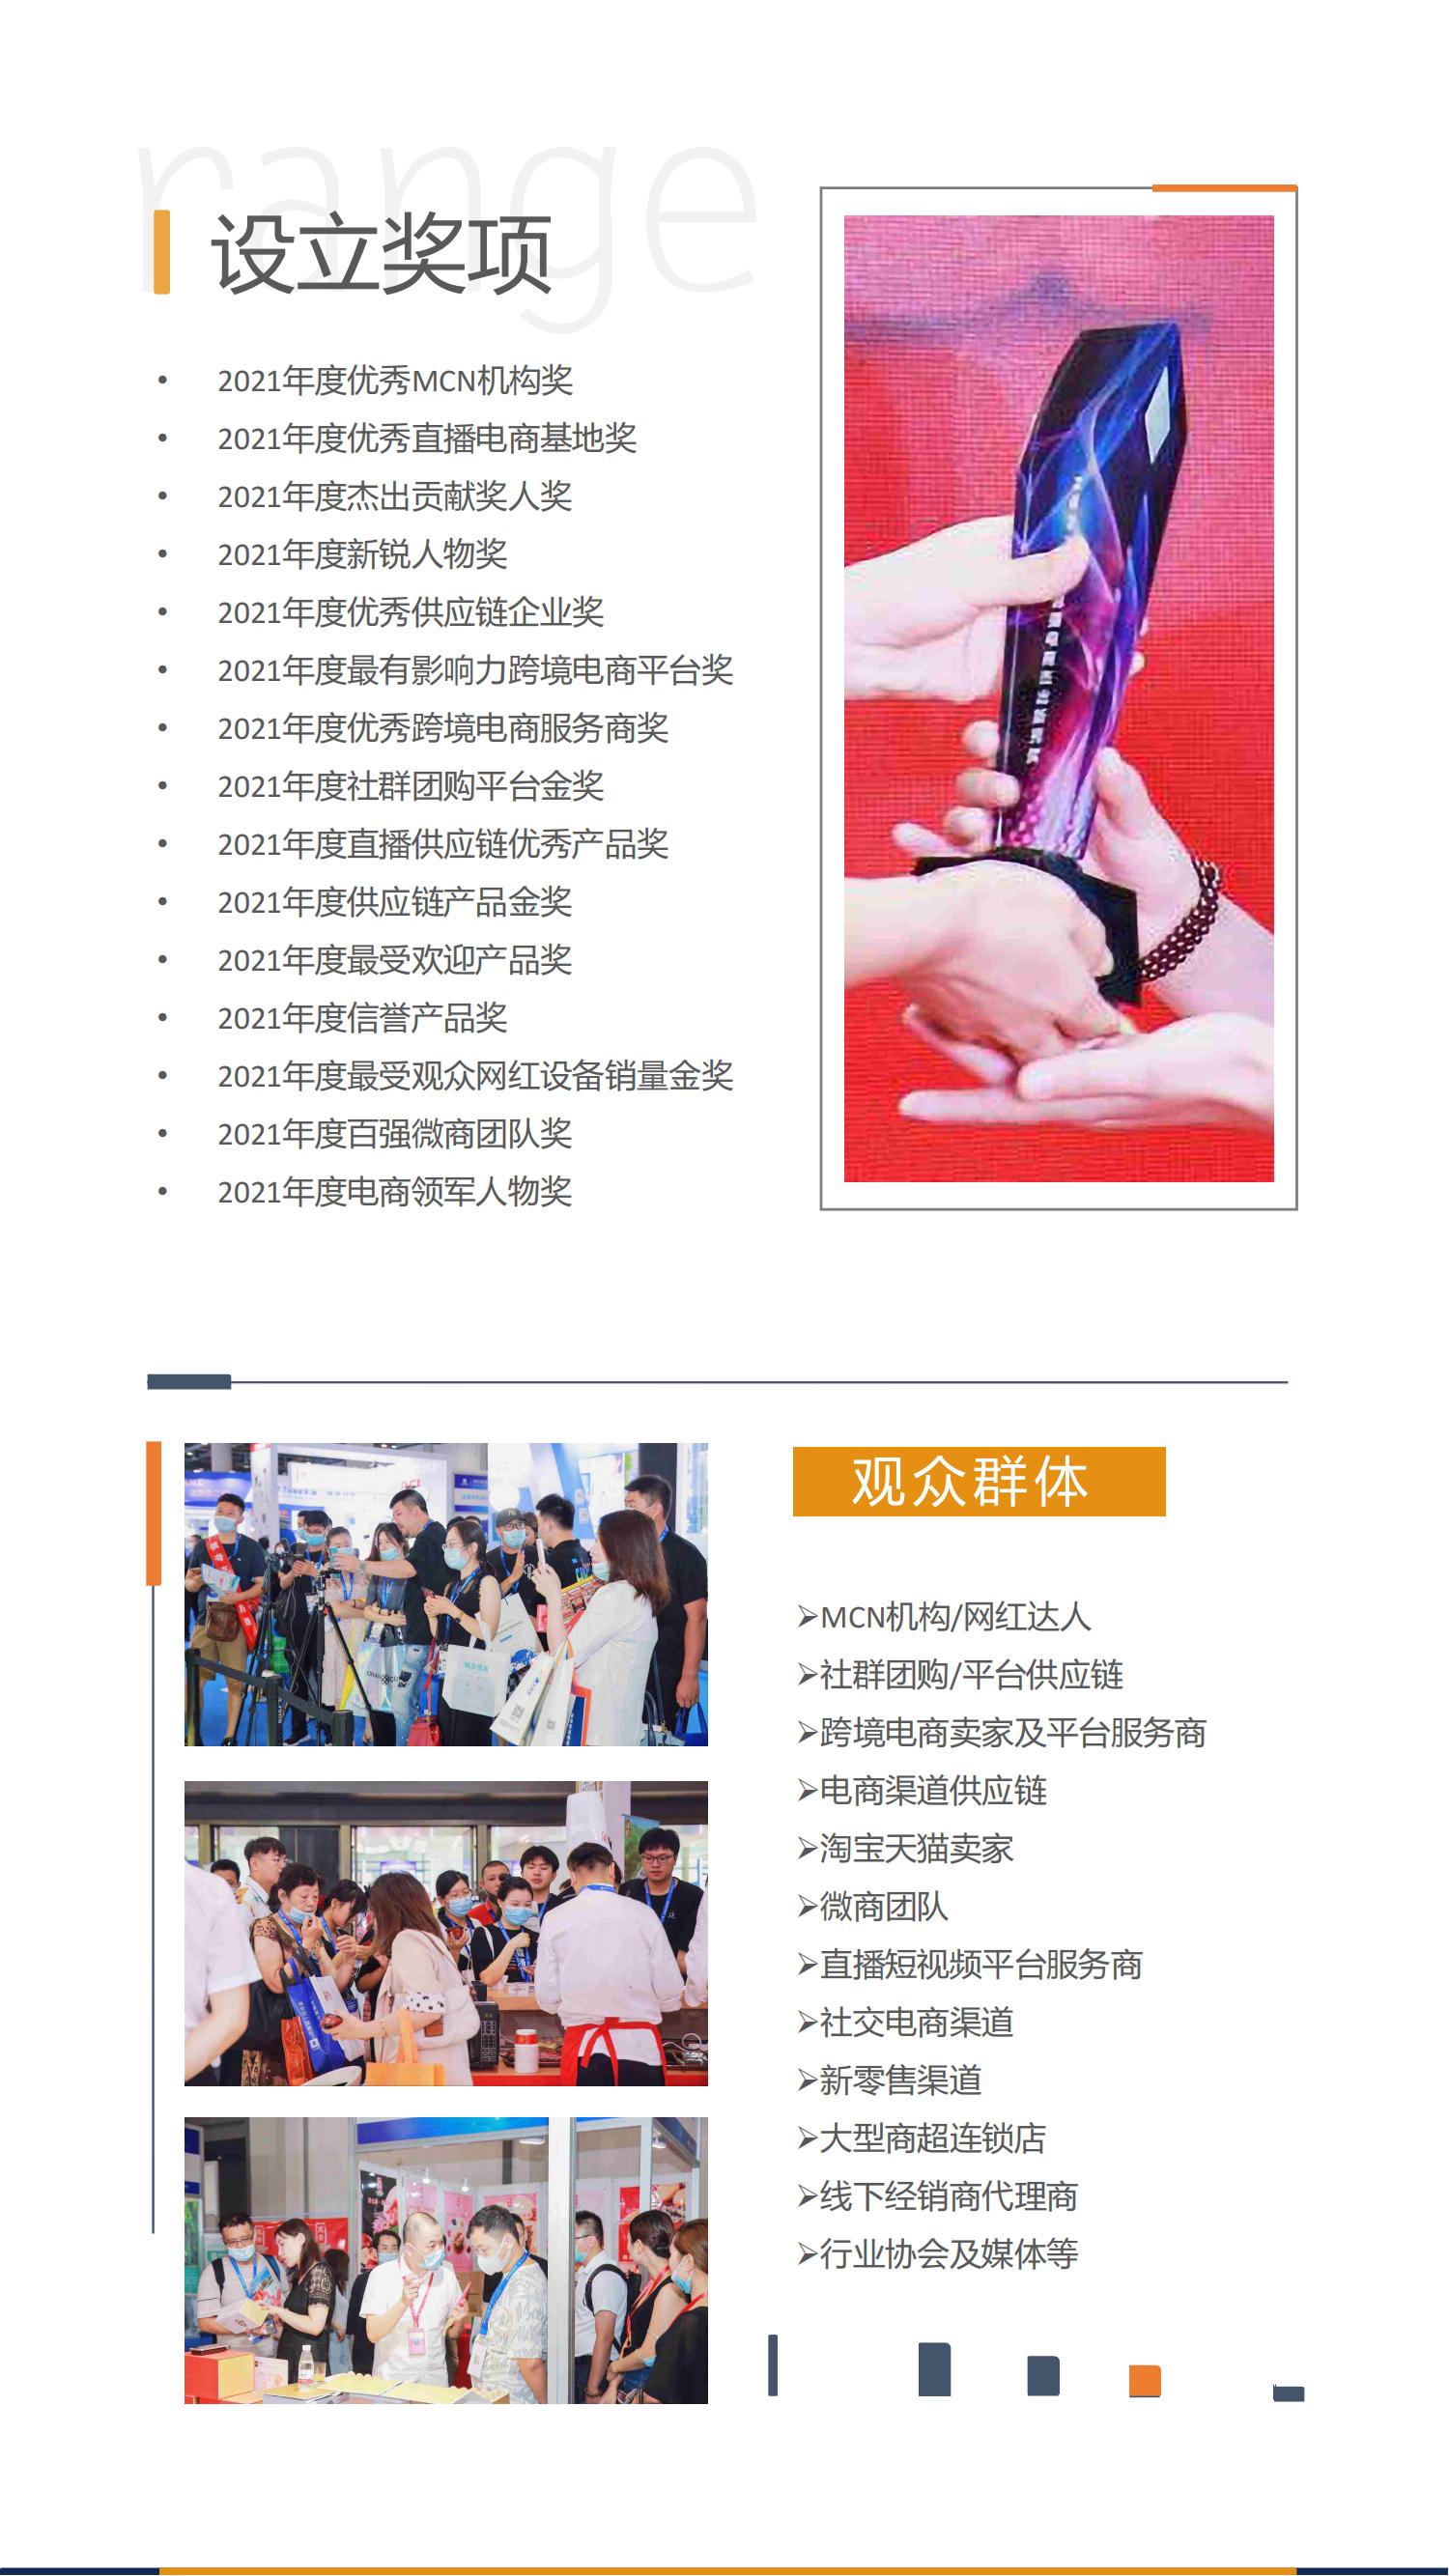 2021第九届全球新电商博览会暨杭州社交新零售网红直播电商展_门票优惠_活动家官网报名